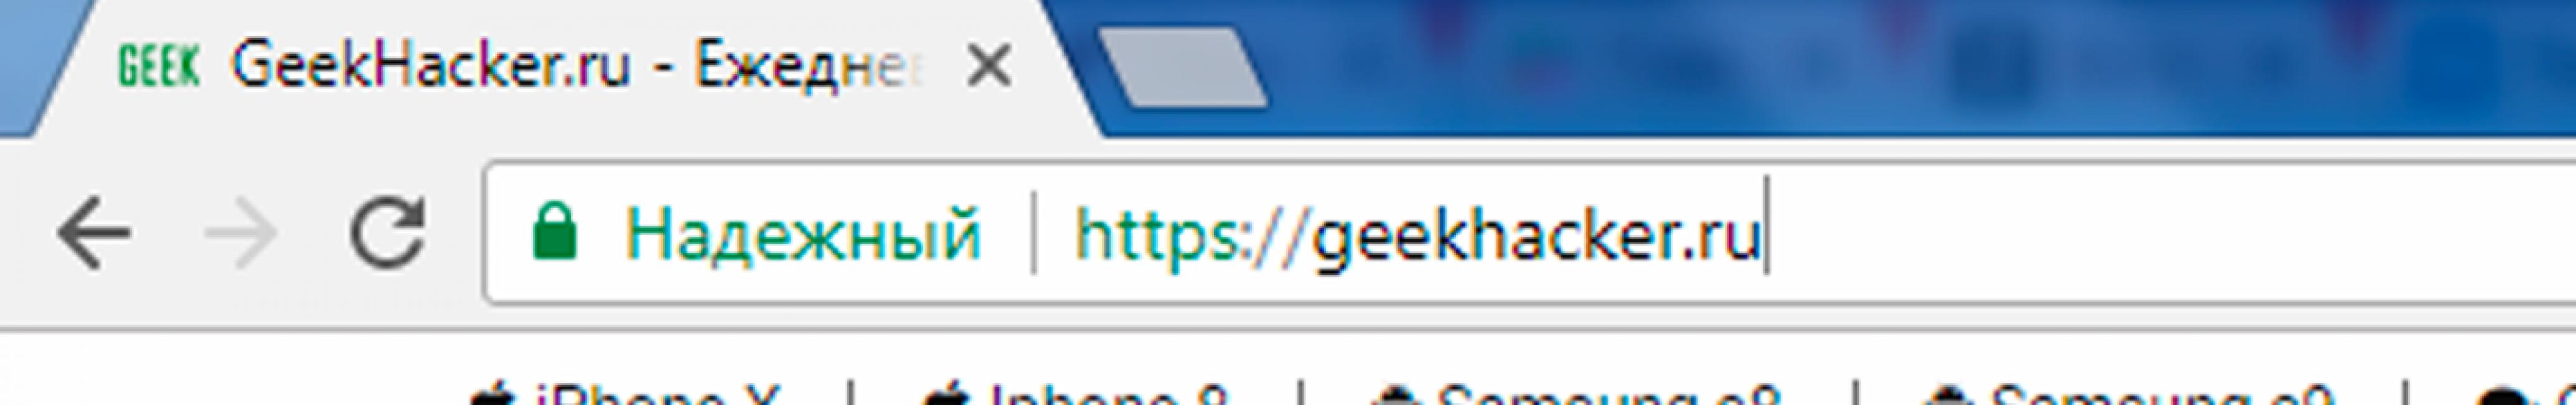 В этой строке и расположен адрес сайта, на котором вы находитесь.